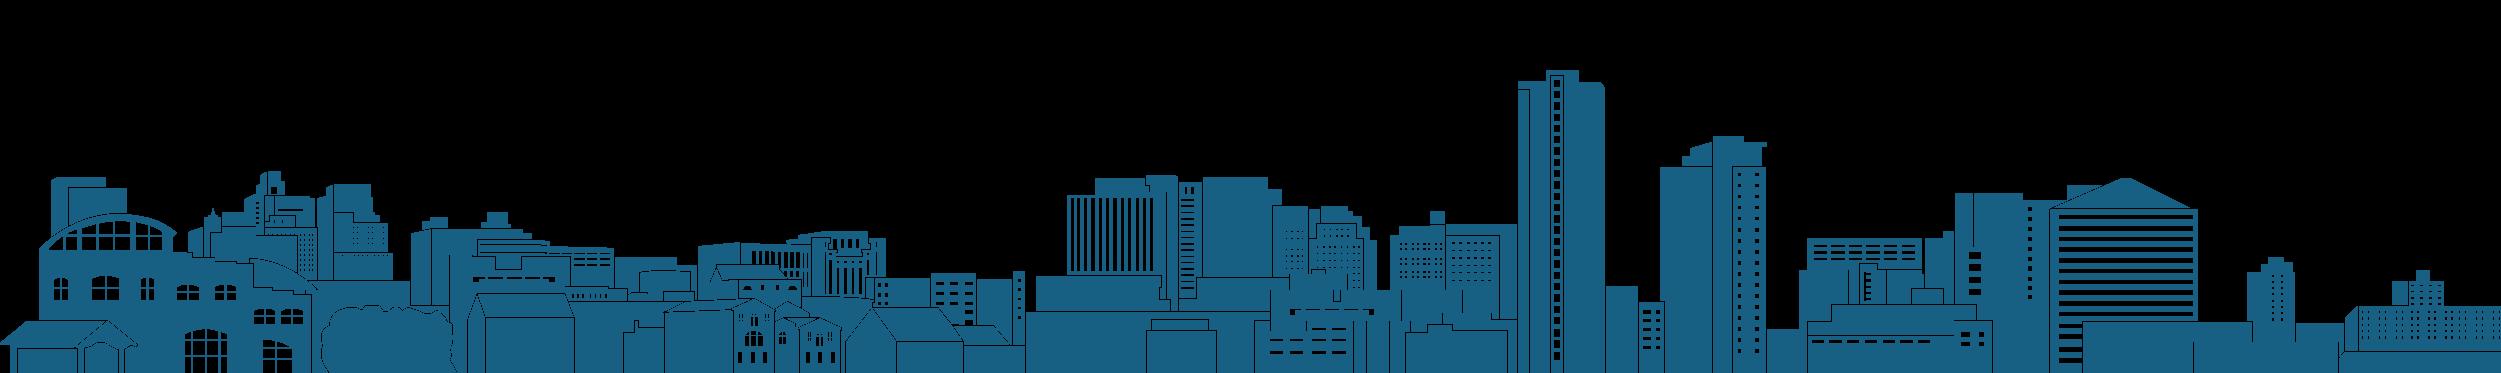 Image of the Wilmington, DE skyline